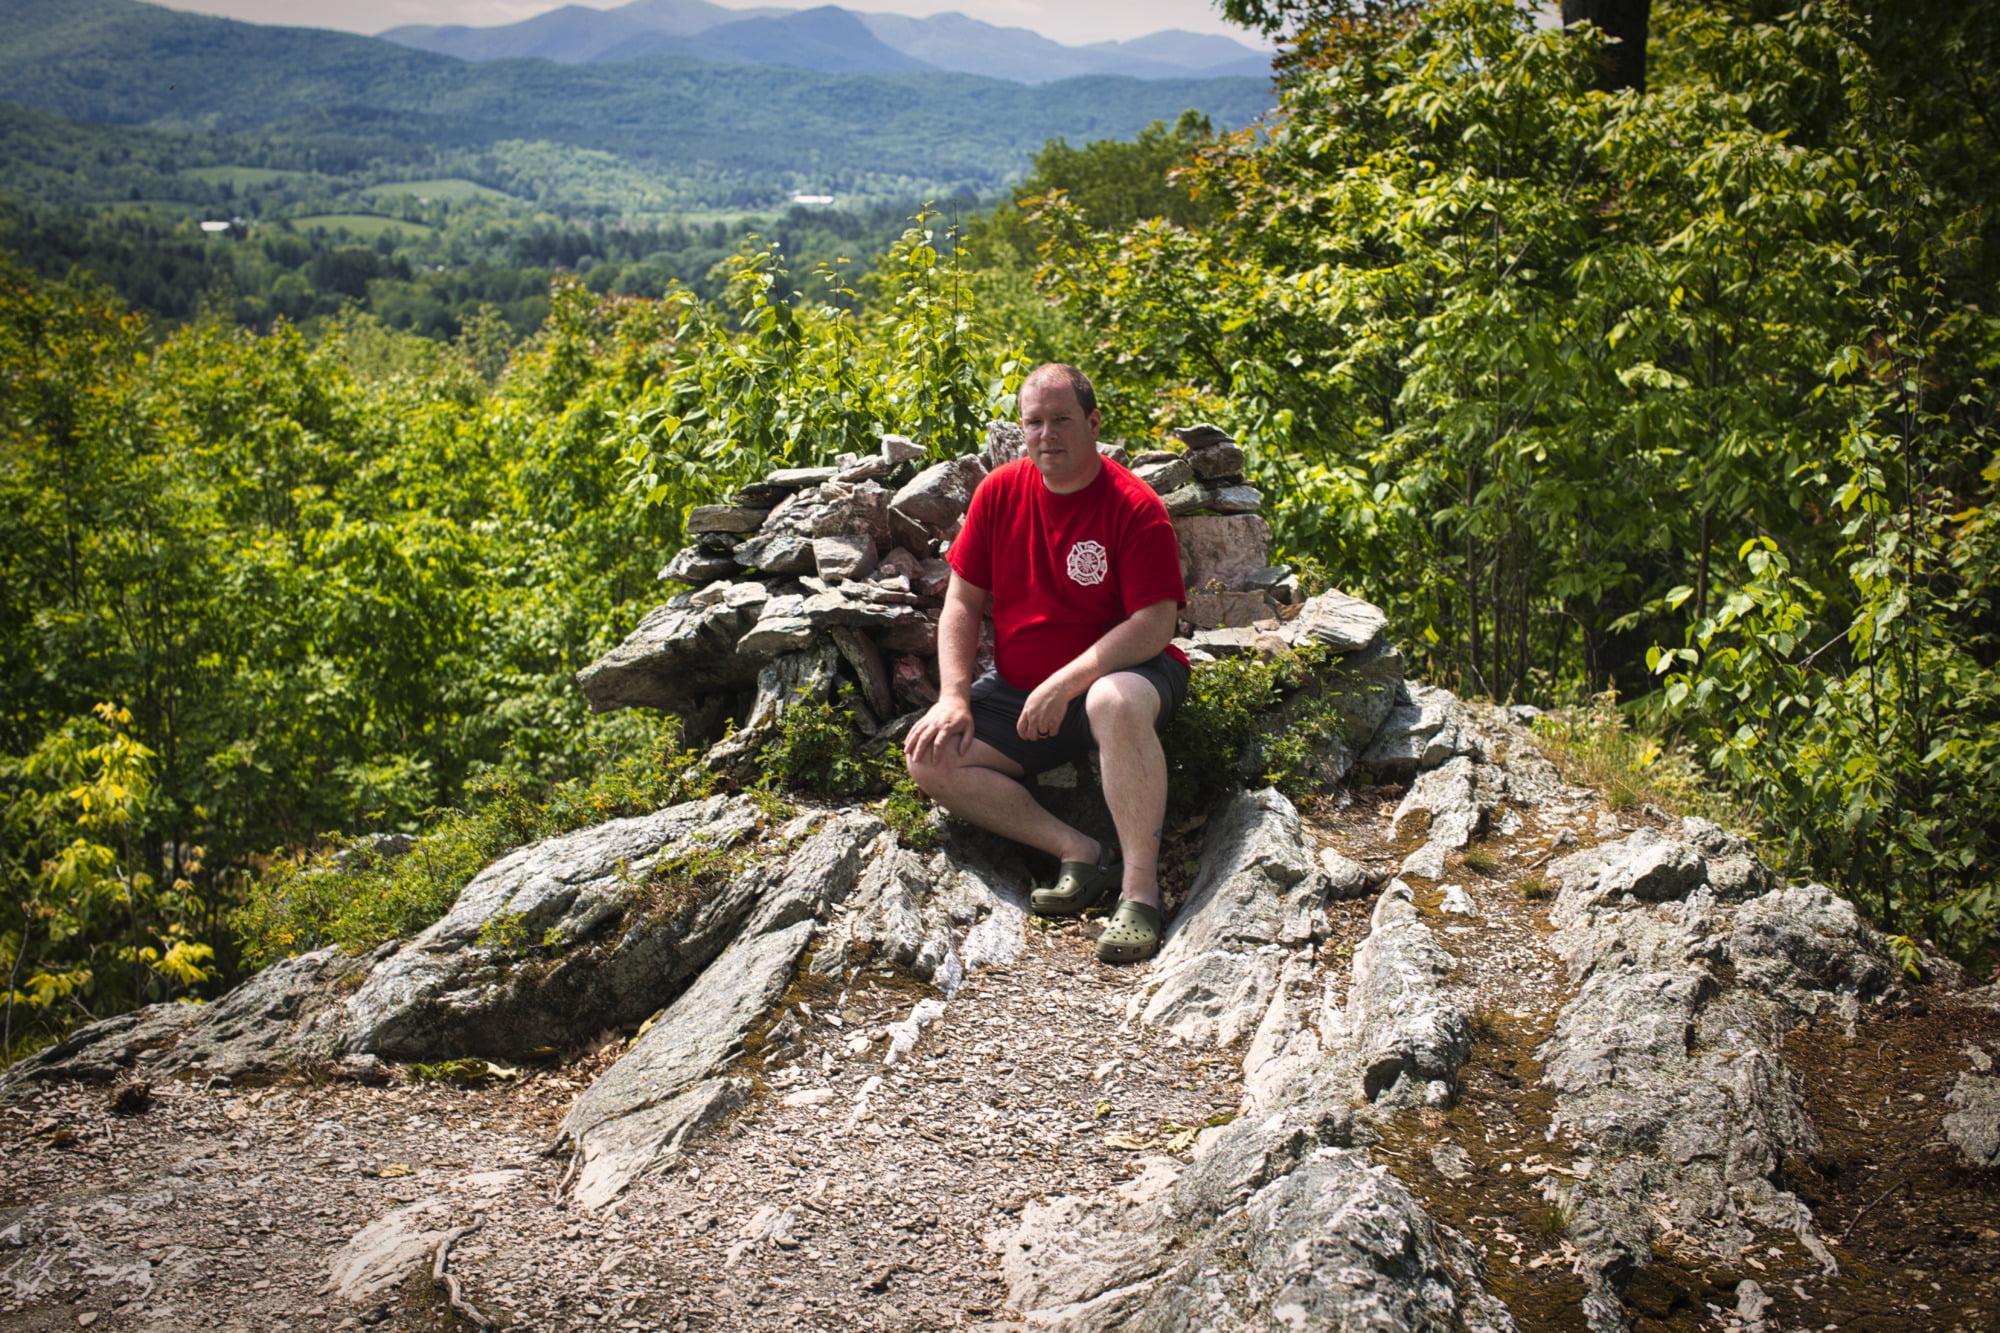 Thomas On The Mountain Top